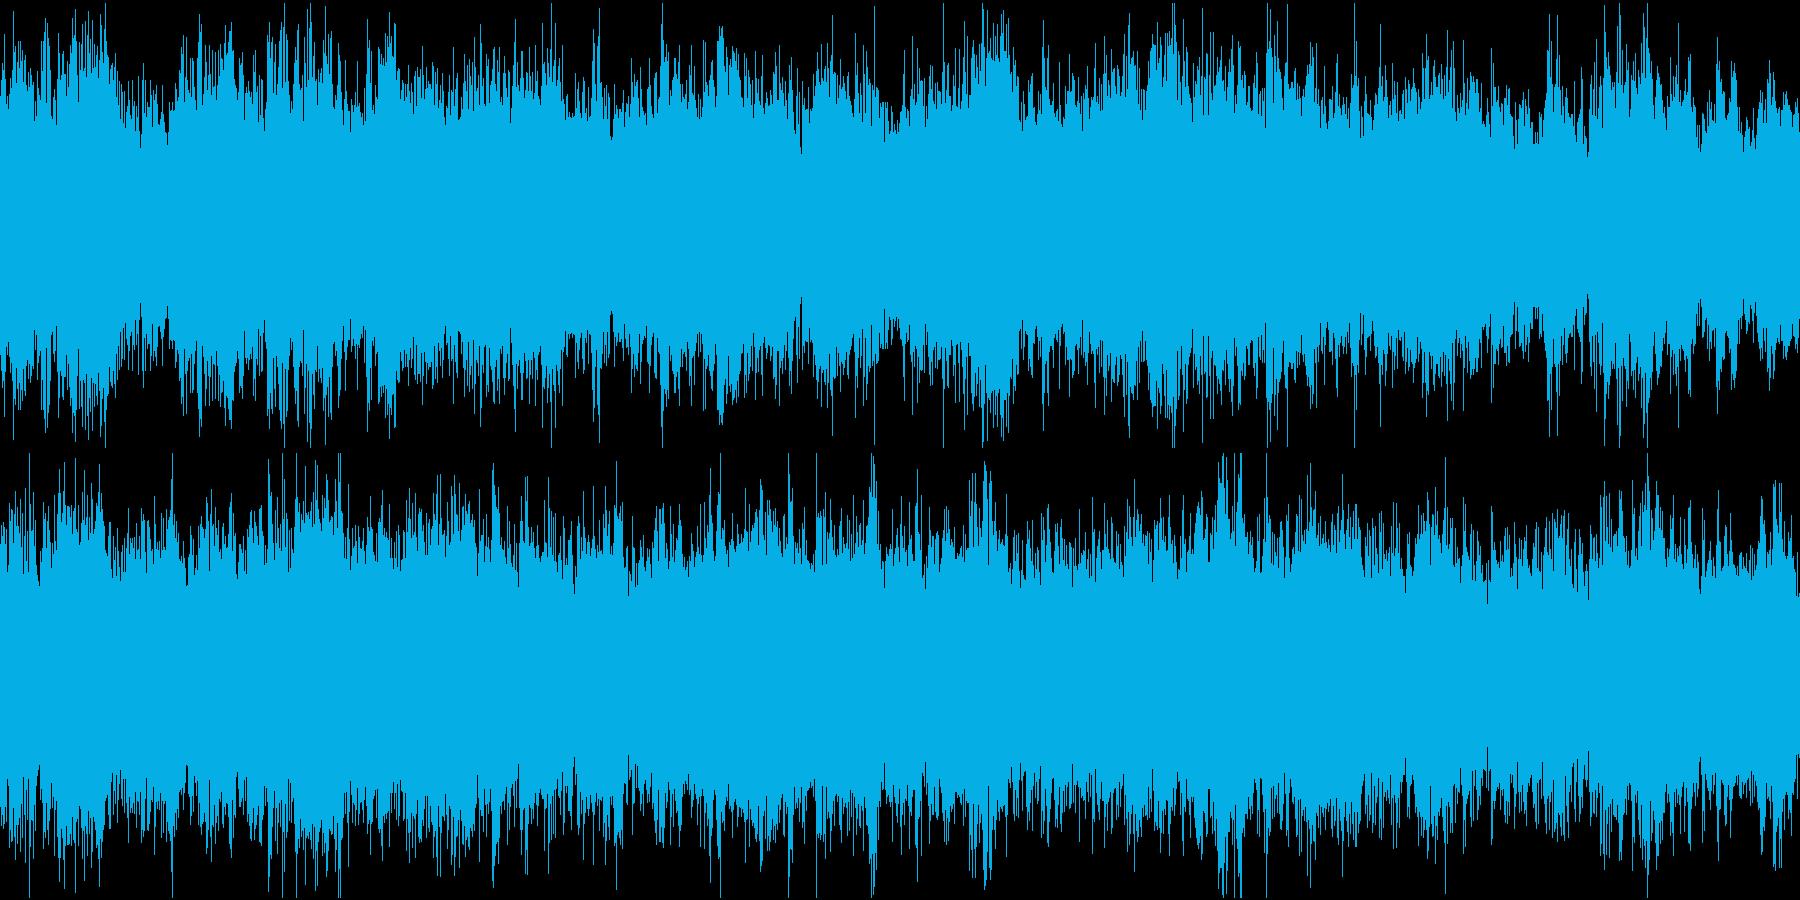 ドキュメンタリーやさしい曲1 リズムなしの再生済みの波形